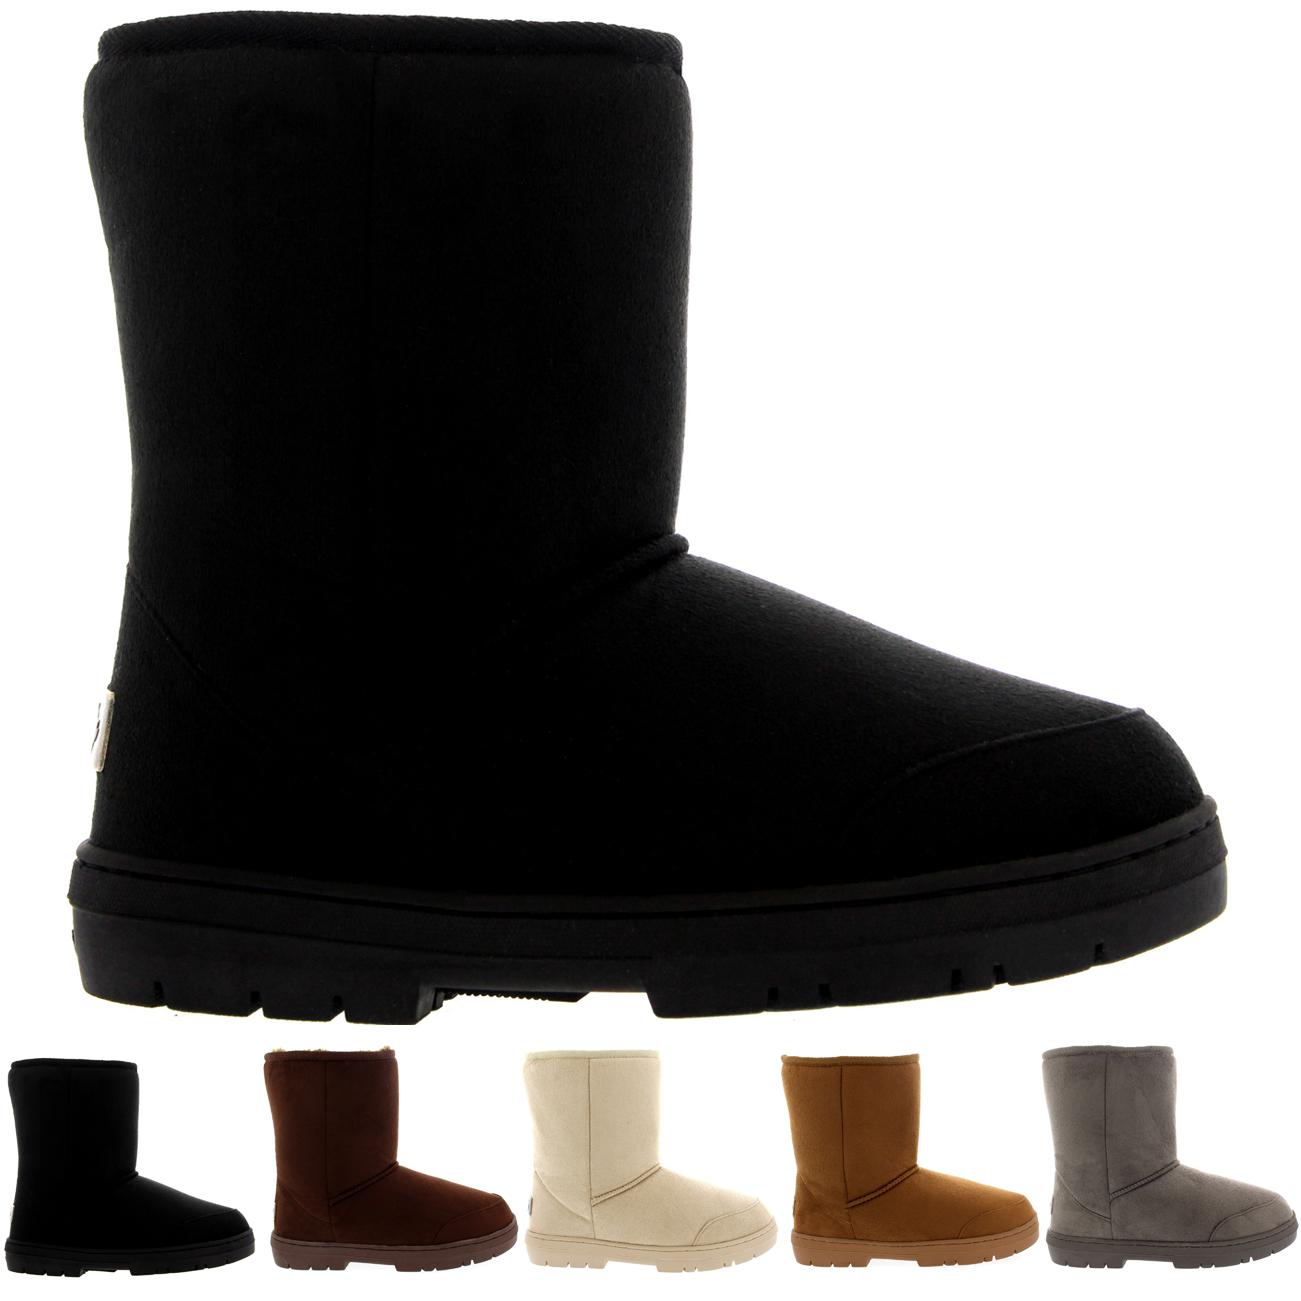 Original Short Classic Fur Boots